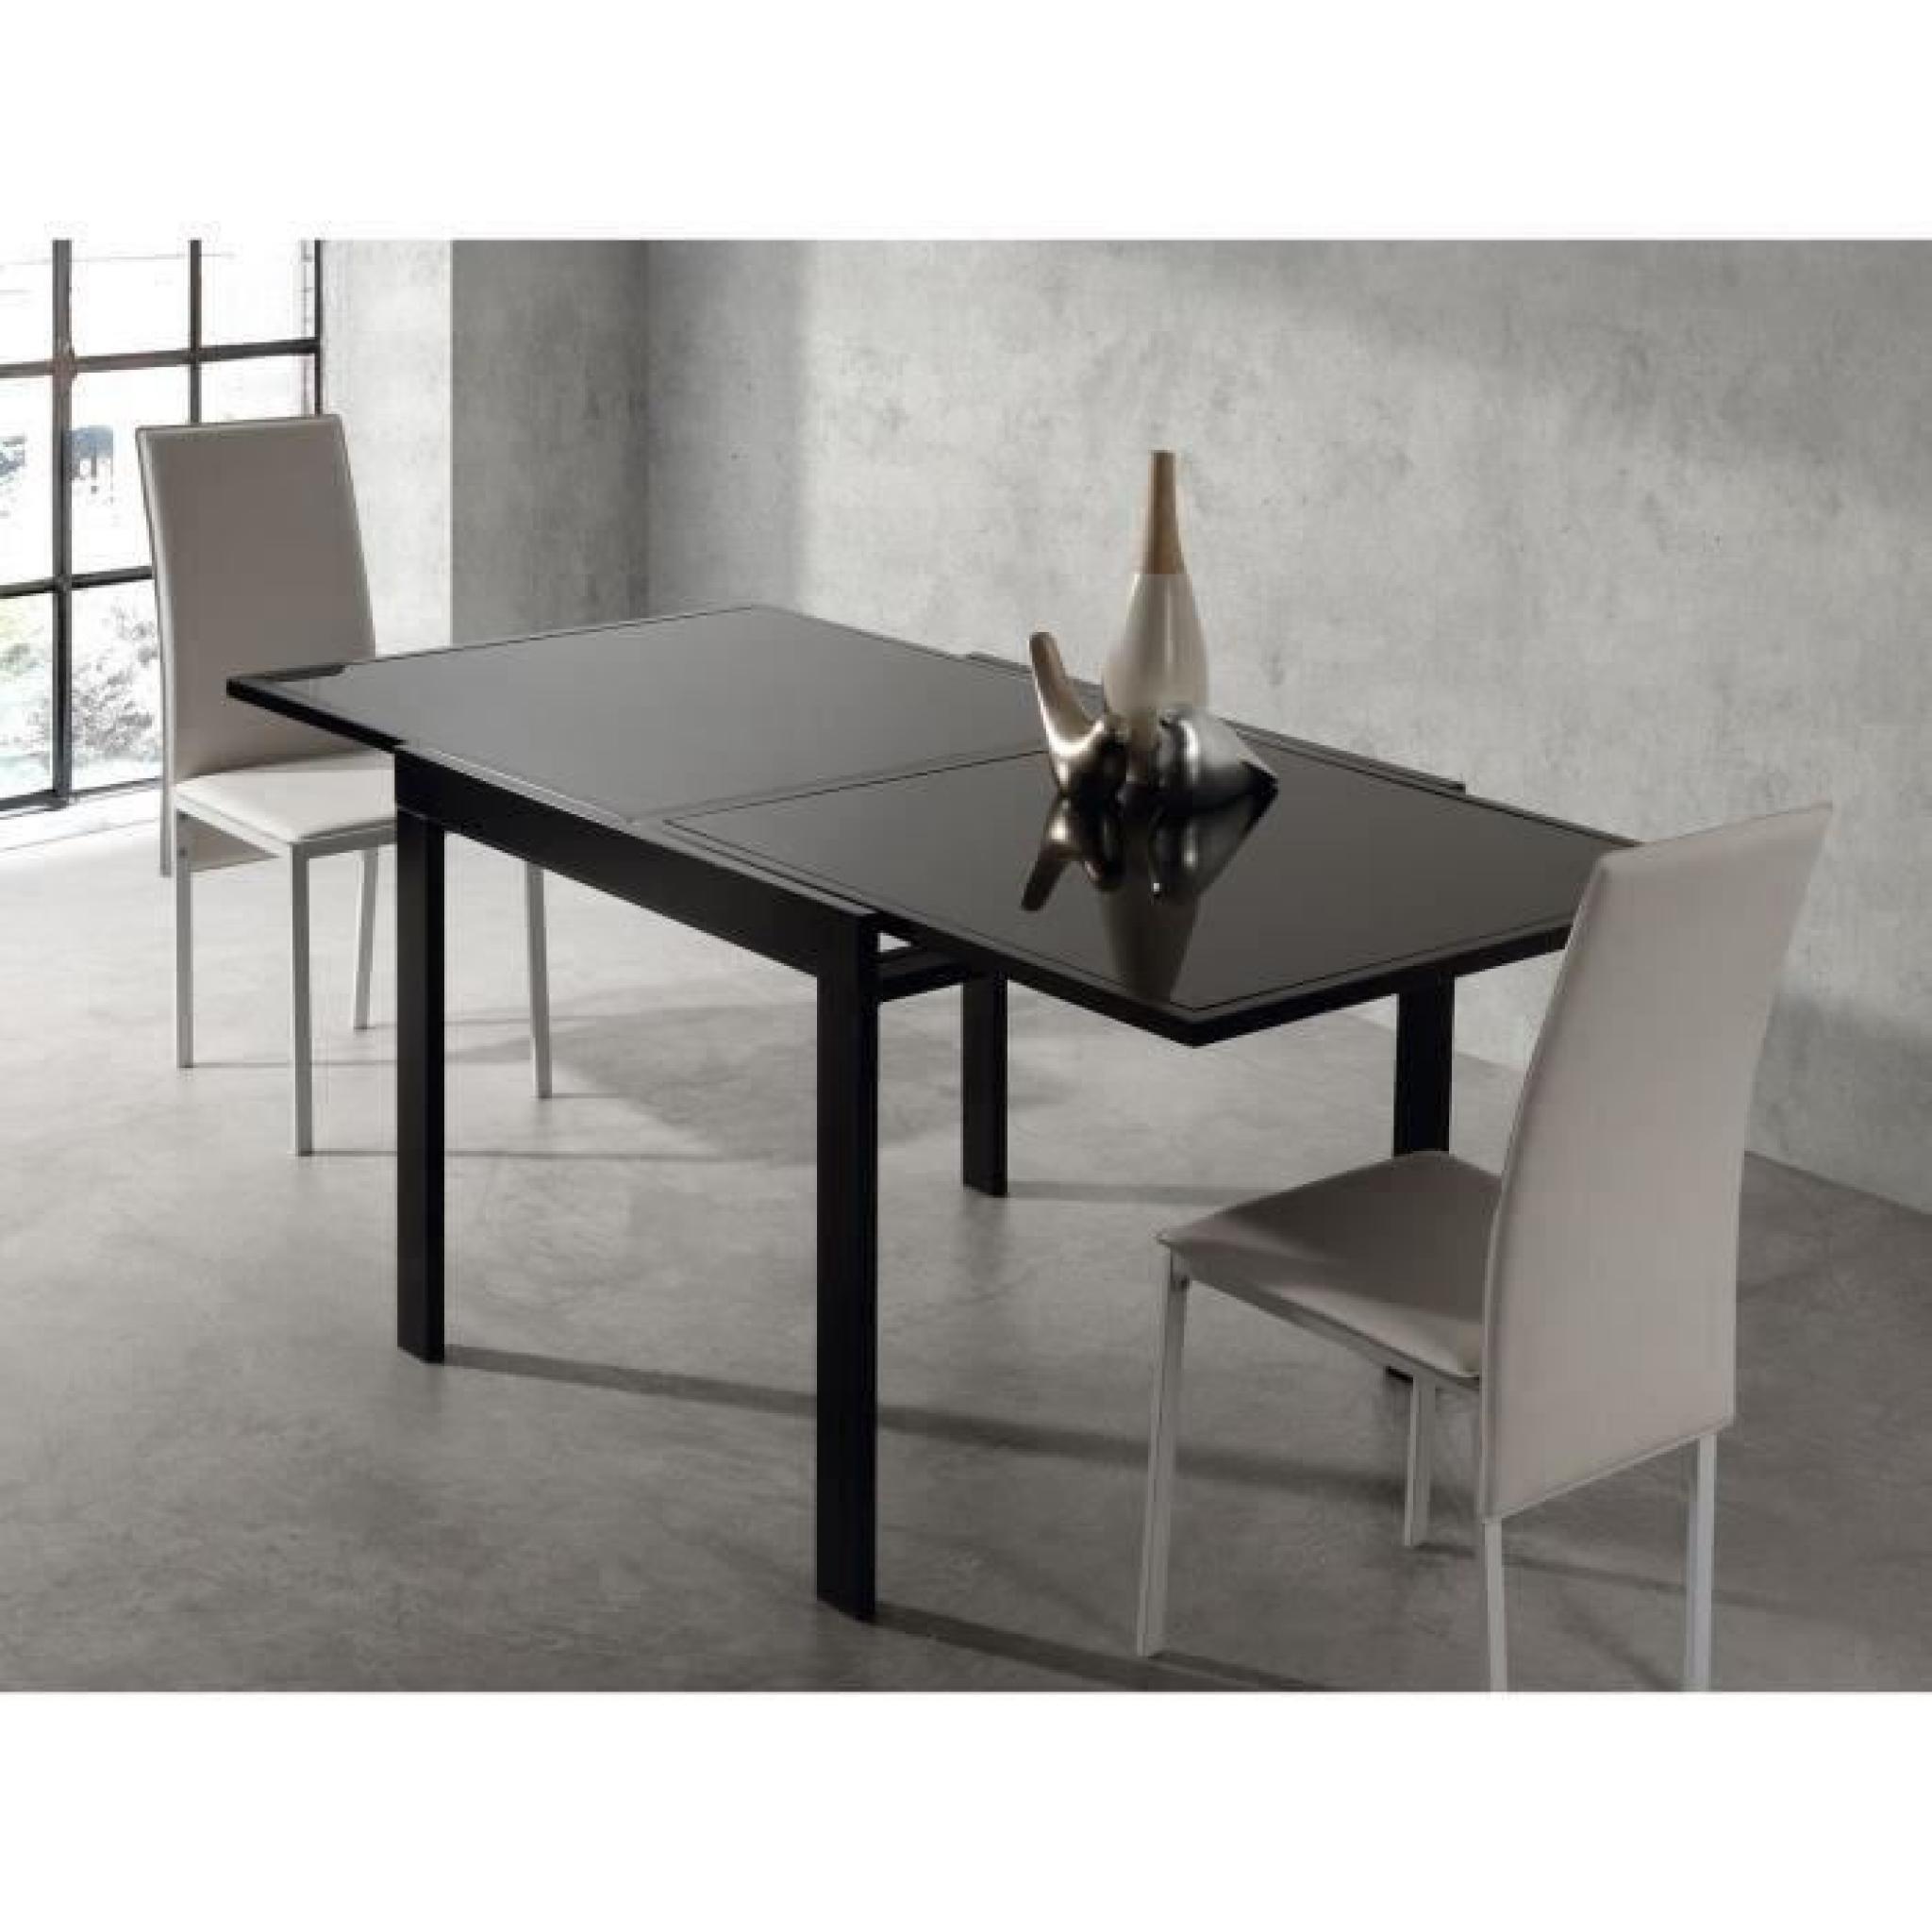 exit table extensible noire 90 180cm en verre achat vente table salle a manger pas cher. Black Bedroom Furniture Sets. Home Design Ideas